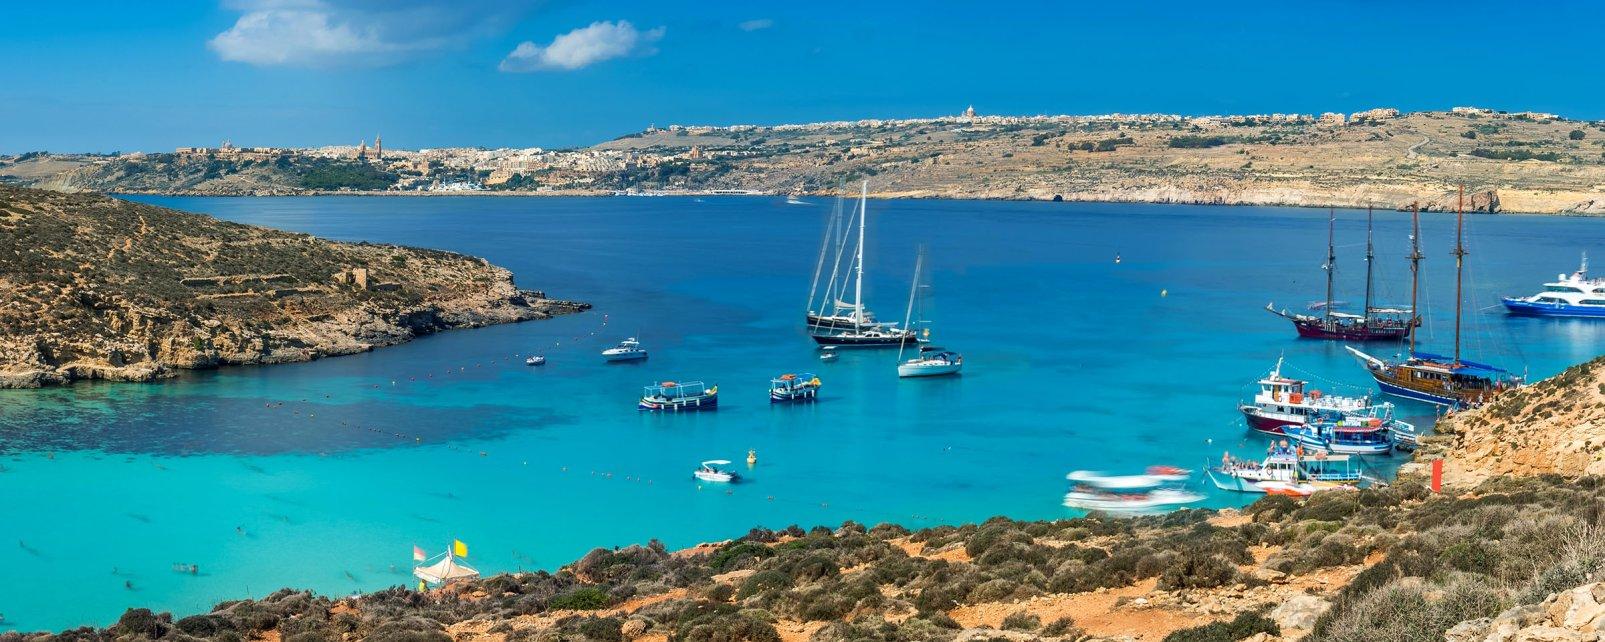 Viaggi malta guida malta con easyviaggio - La finestra azzurra gozo ...